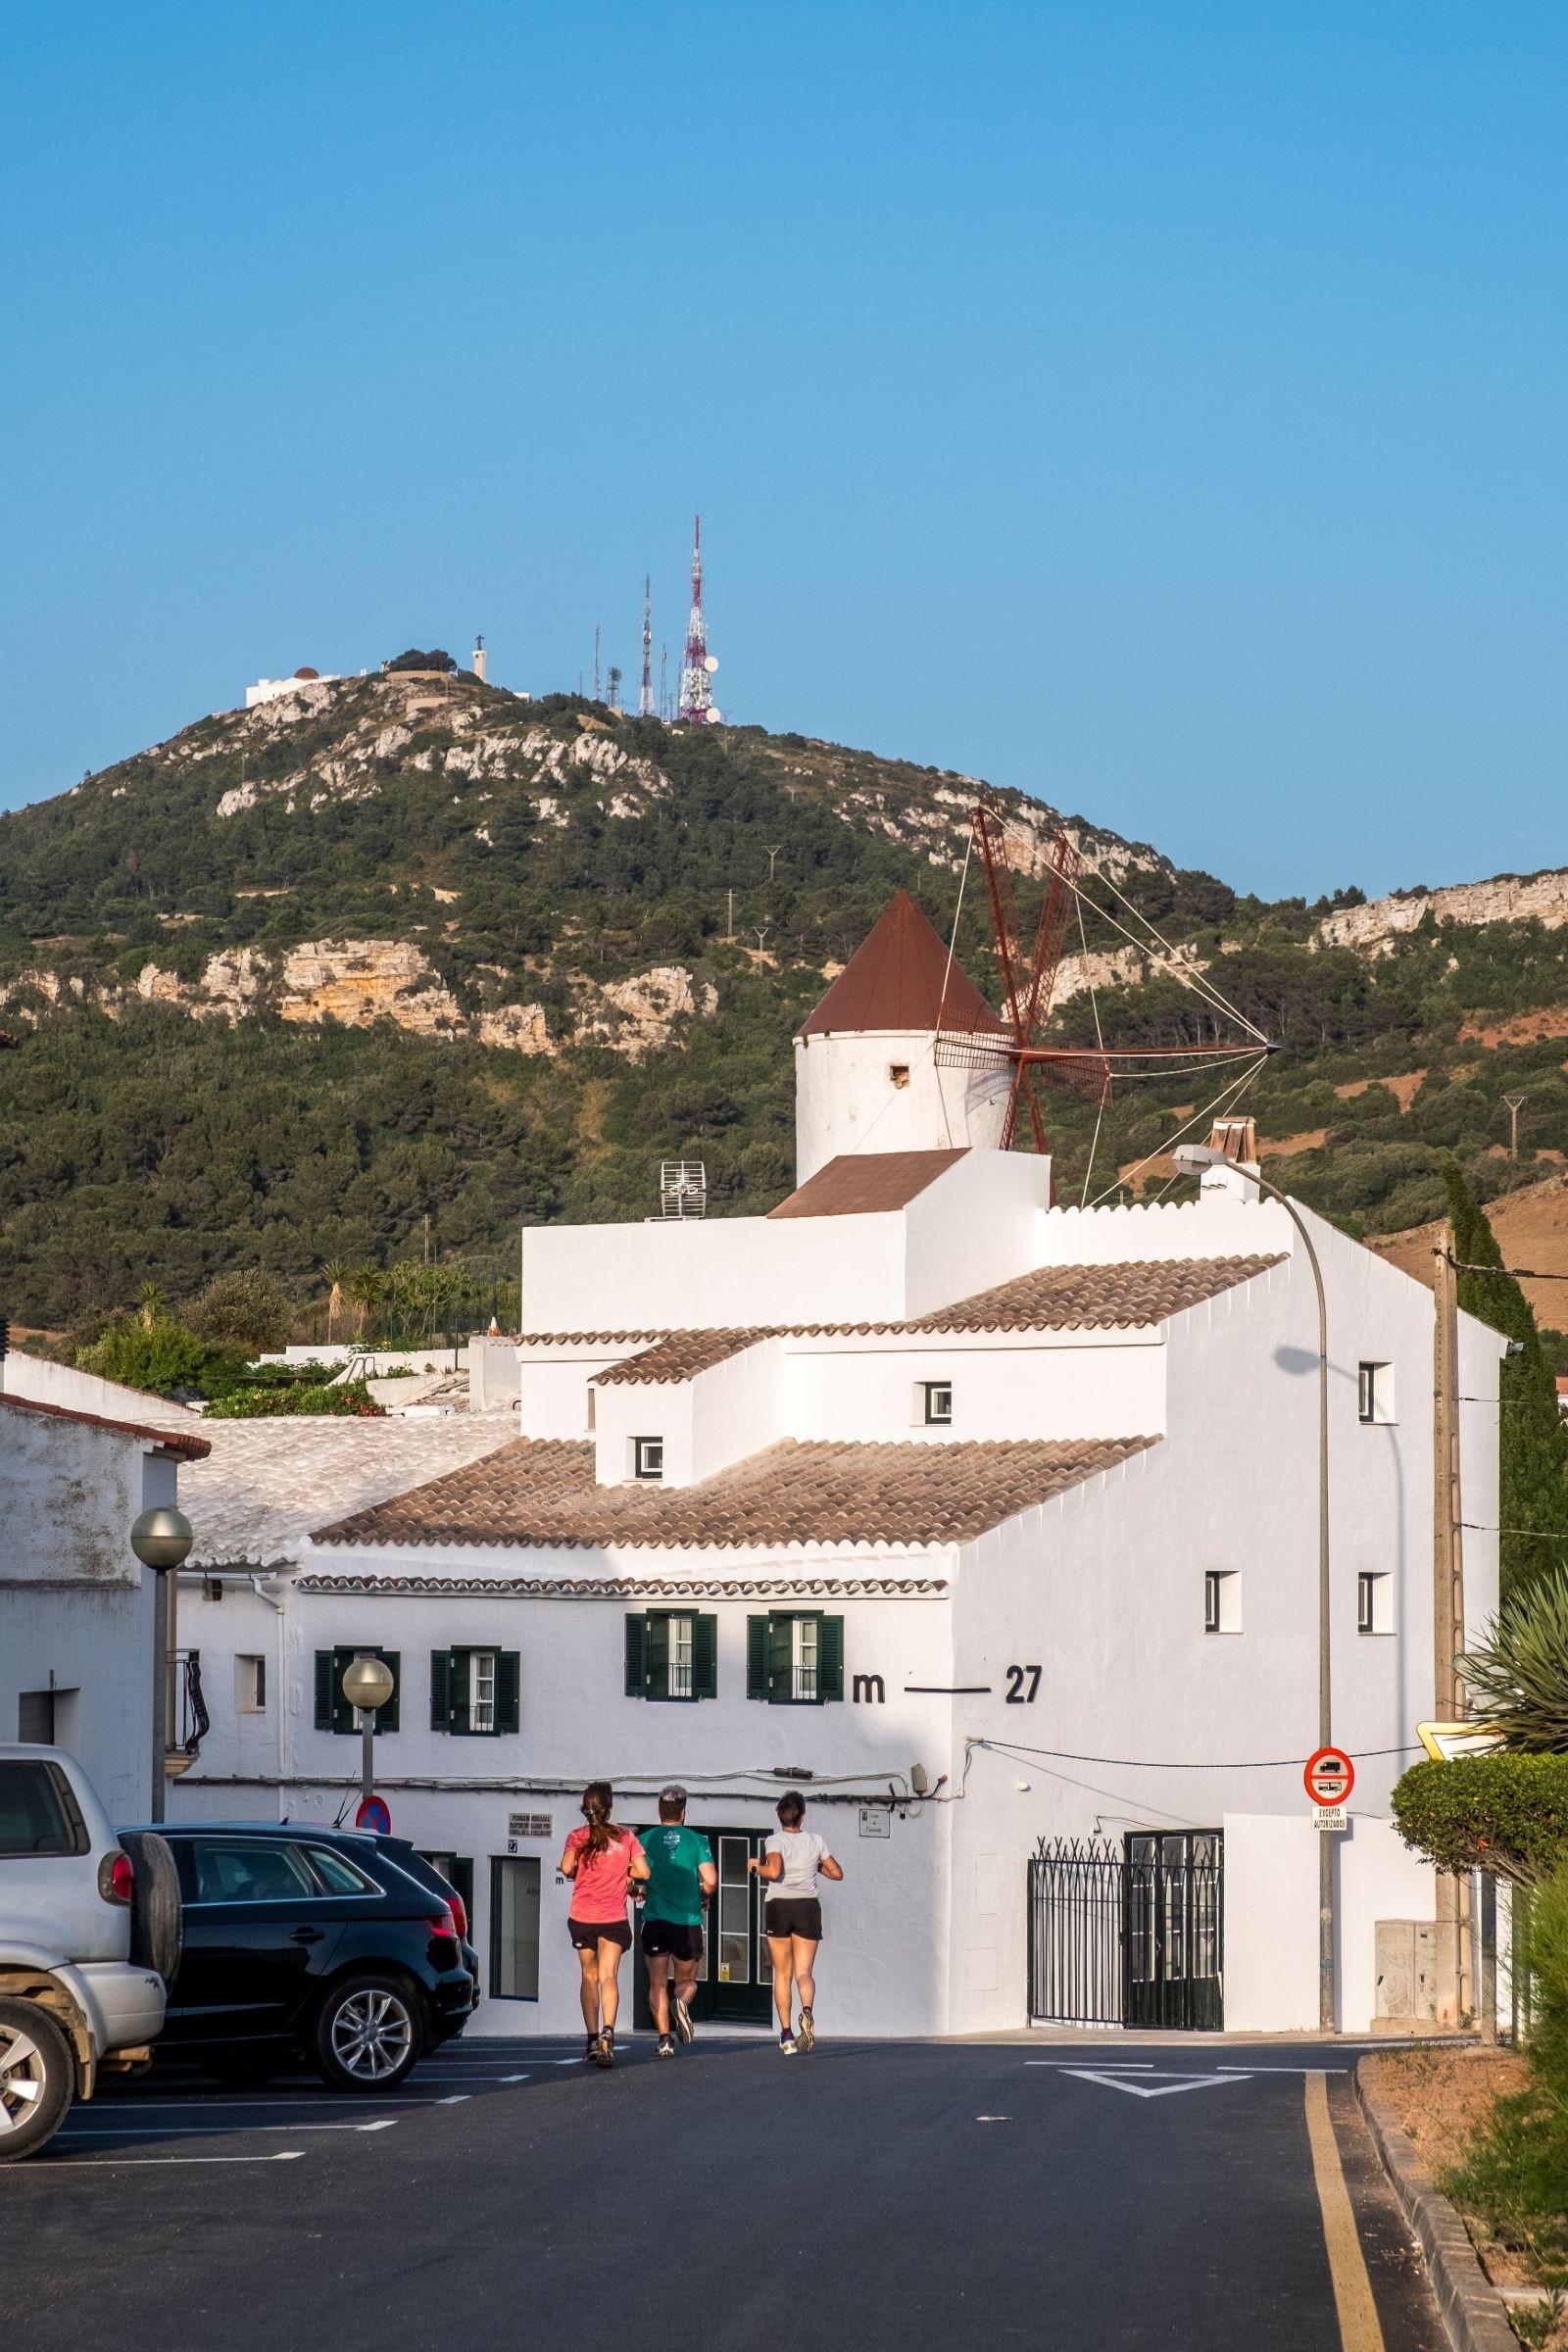 Hotel m - 27 · Es Mercadal · Menorca